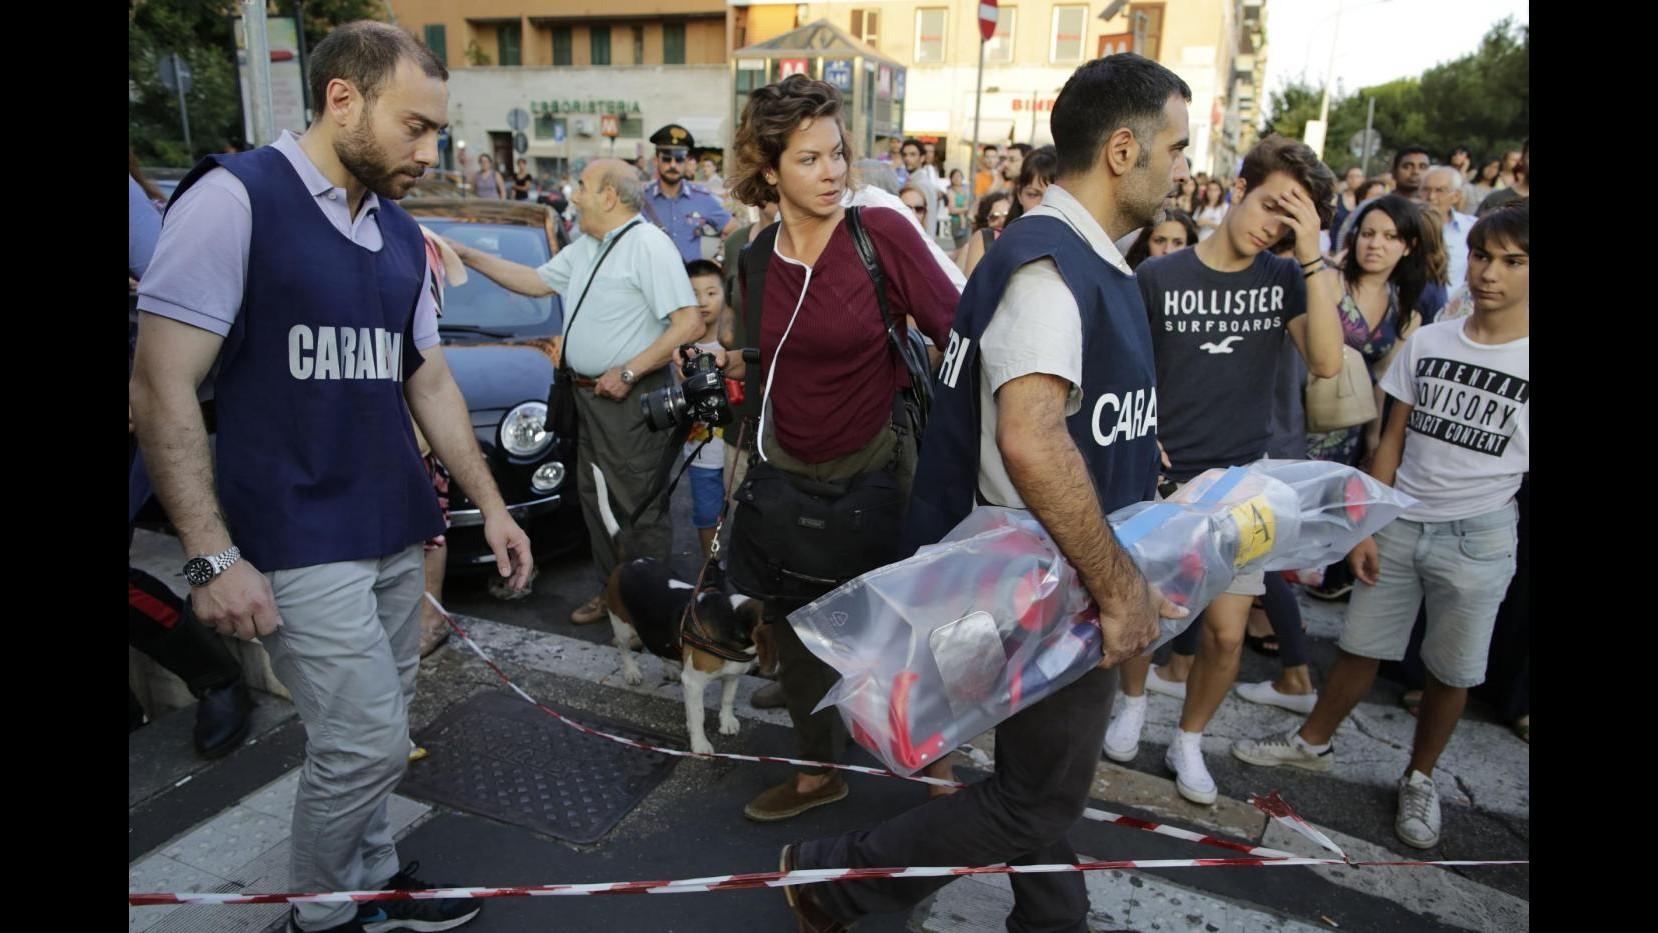 Roma bimbo morto in metro 3 denunciati Fiori davanti all ascensore